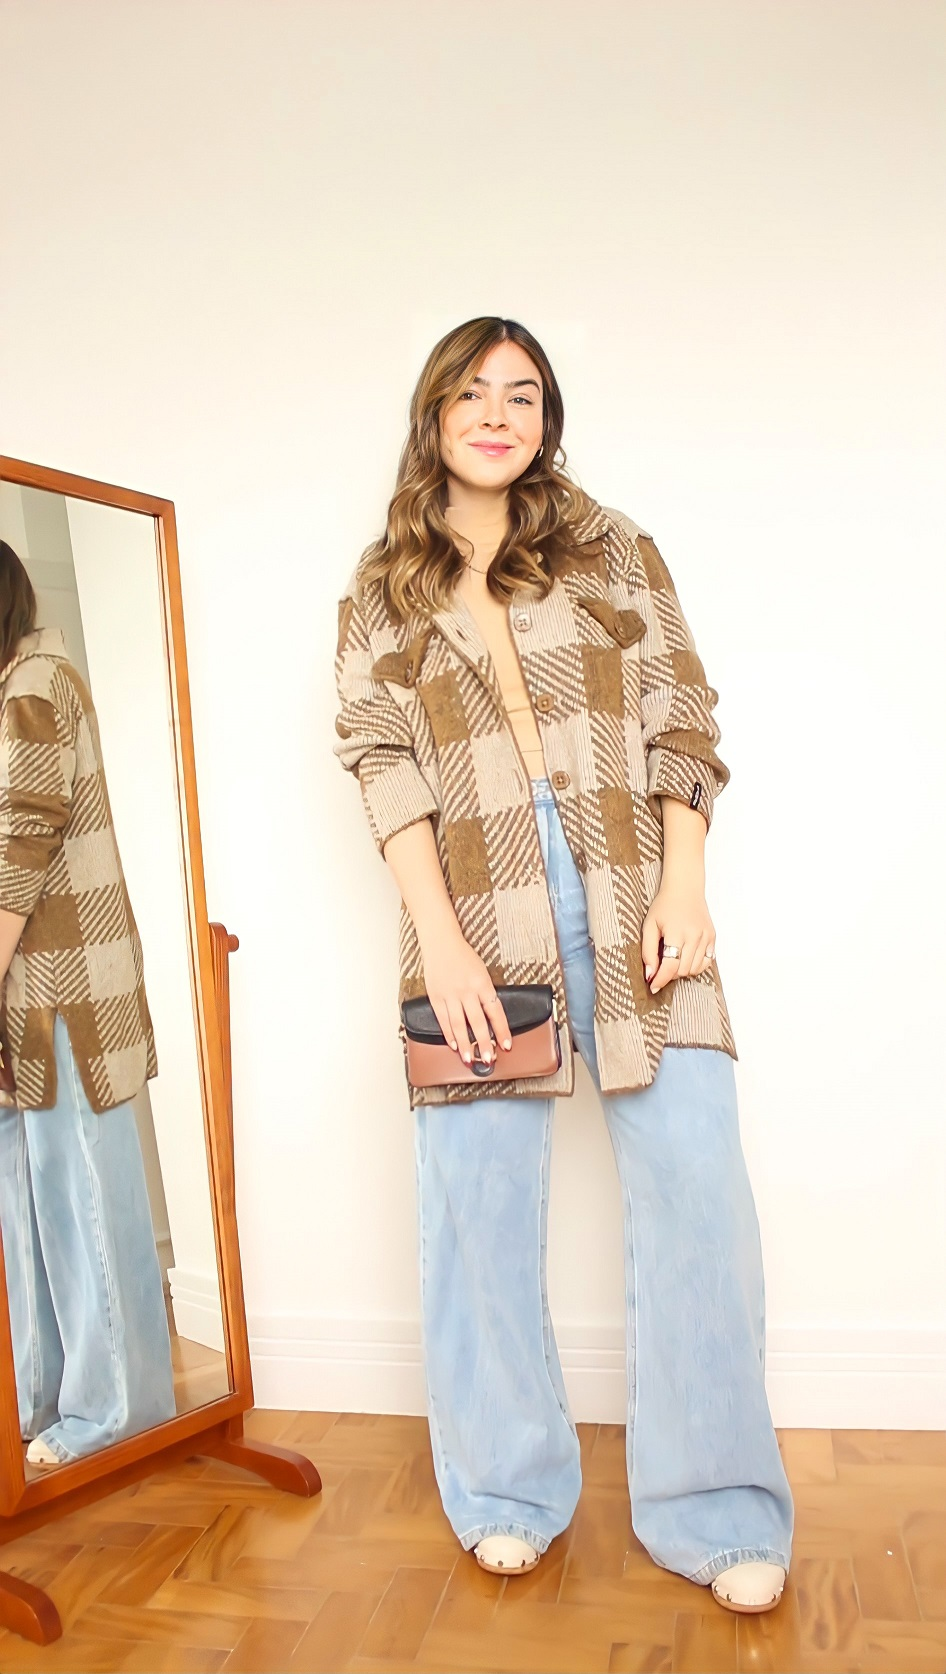 4 Looks de Inverno, Look Casaco Teddy, Look Blazer Bege, Look Casaco de Lã,Look Jeans Blazer Preto